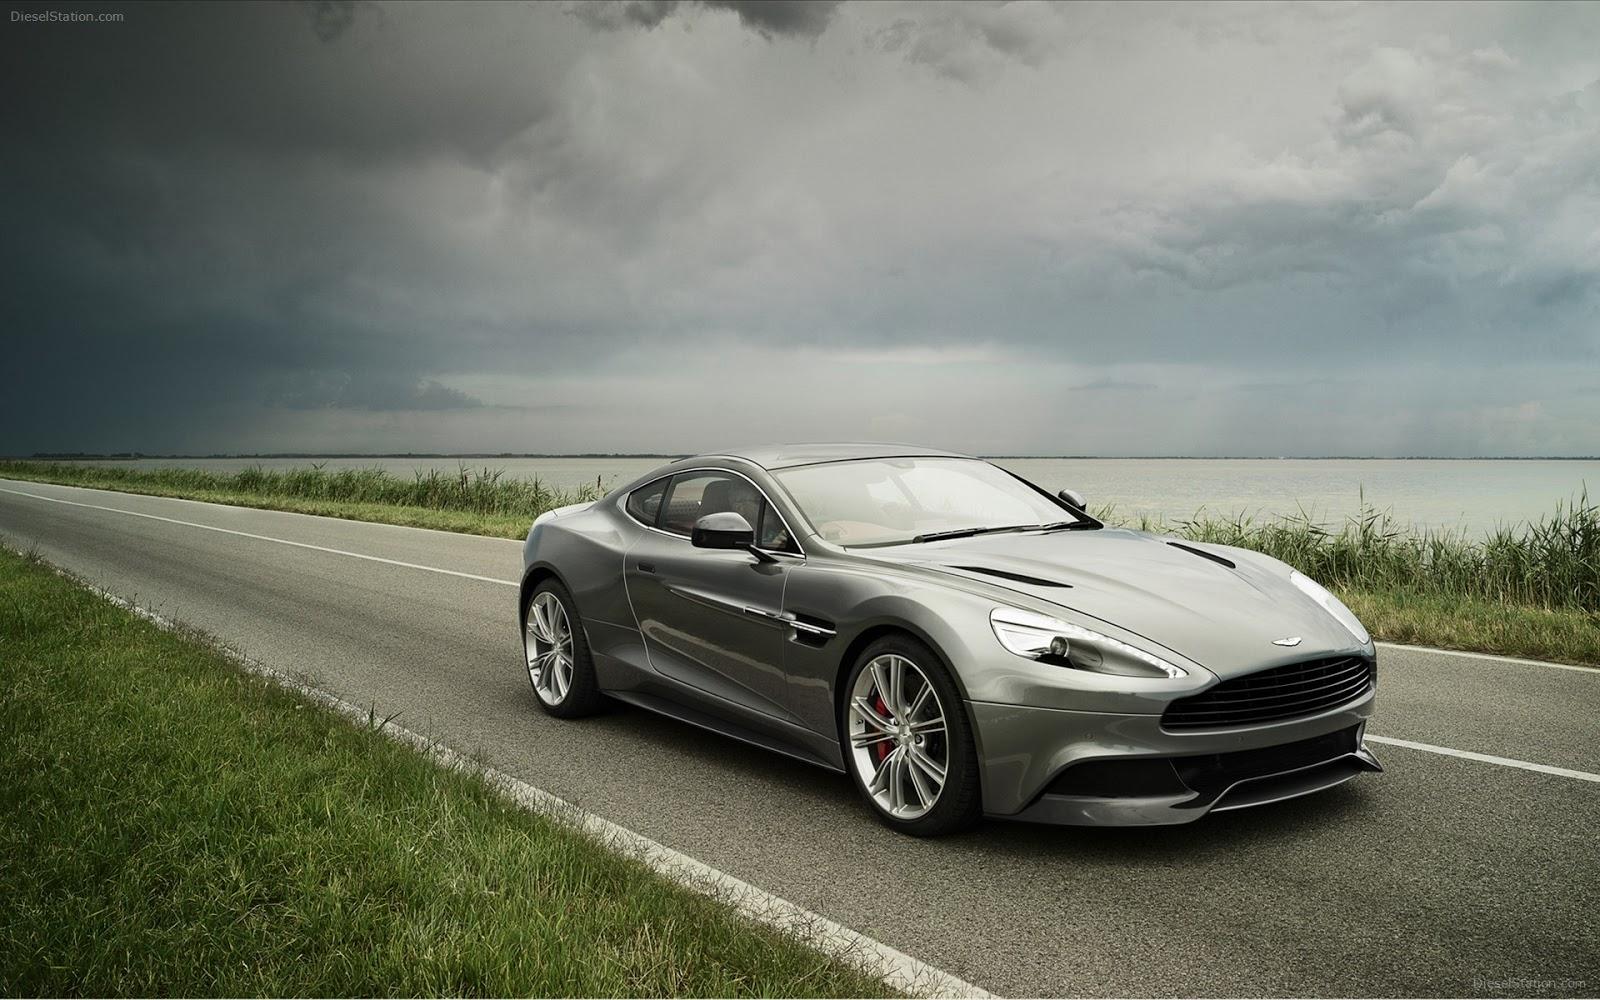 Takeyoshi Images: New Aston Martin Vanquish